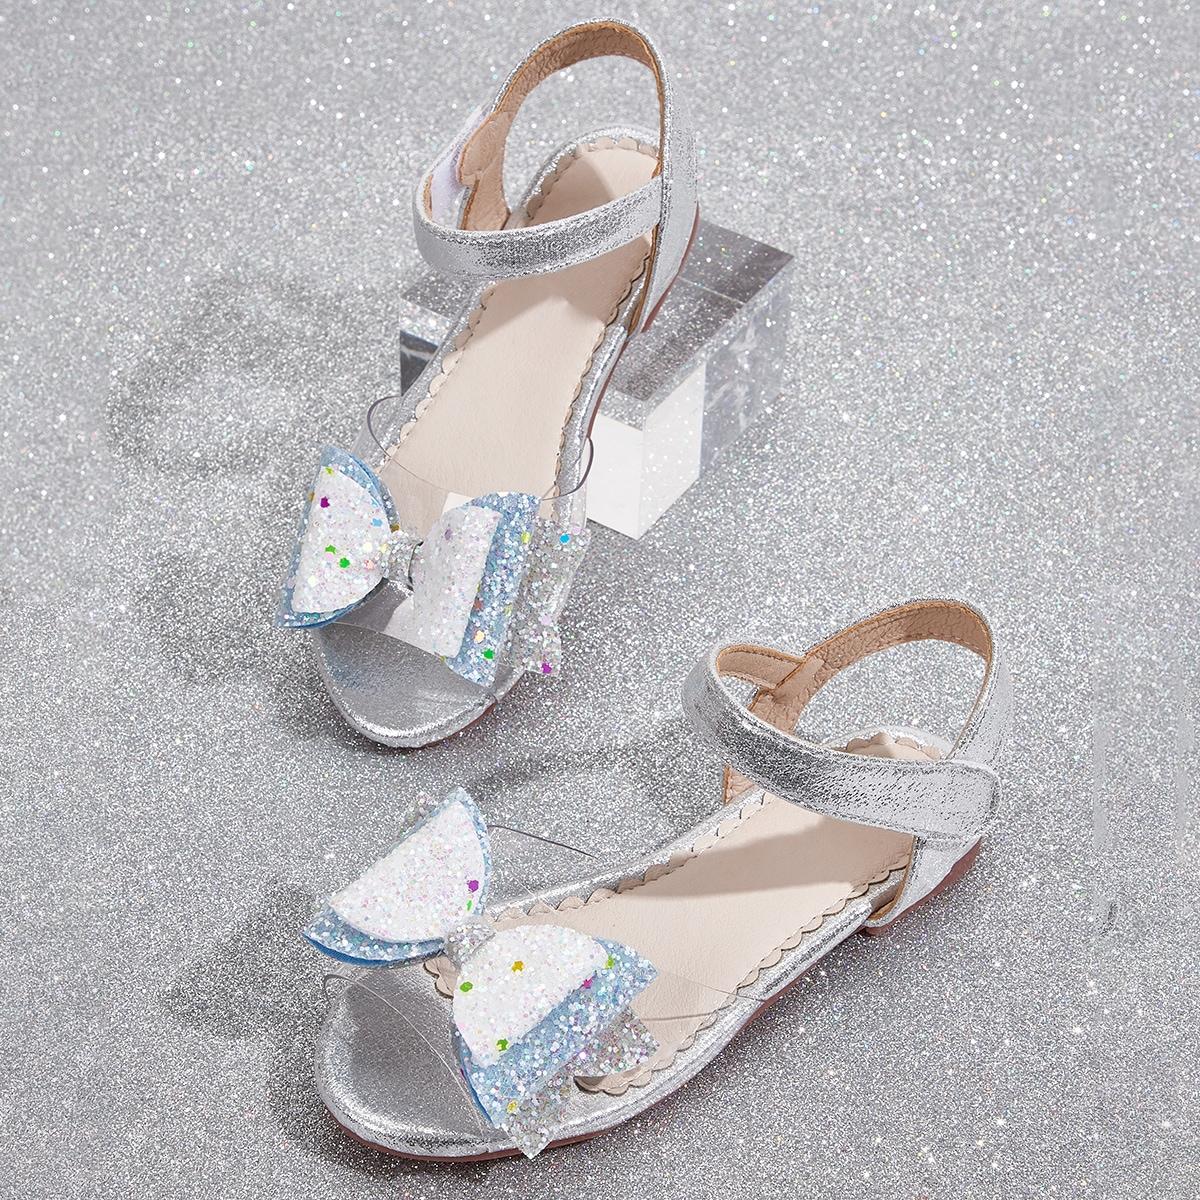 Прозрачные сандалии с бантом для девочек фото